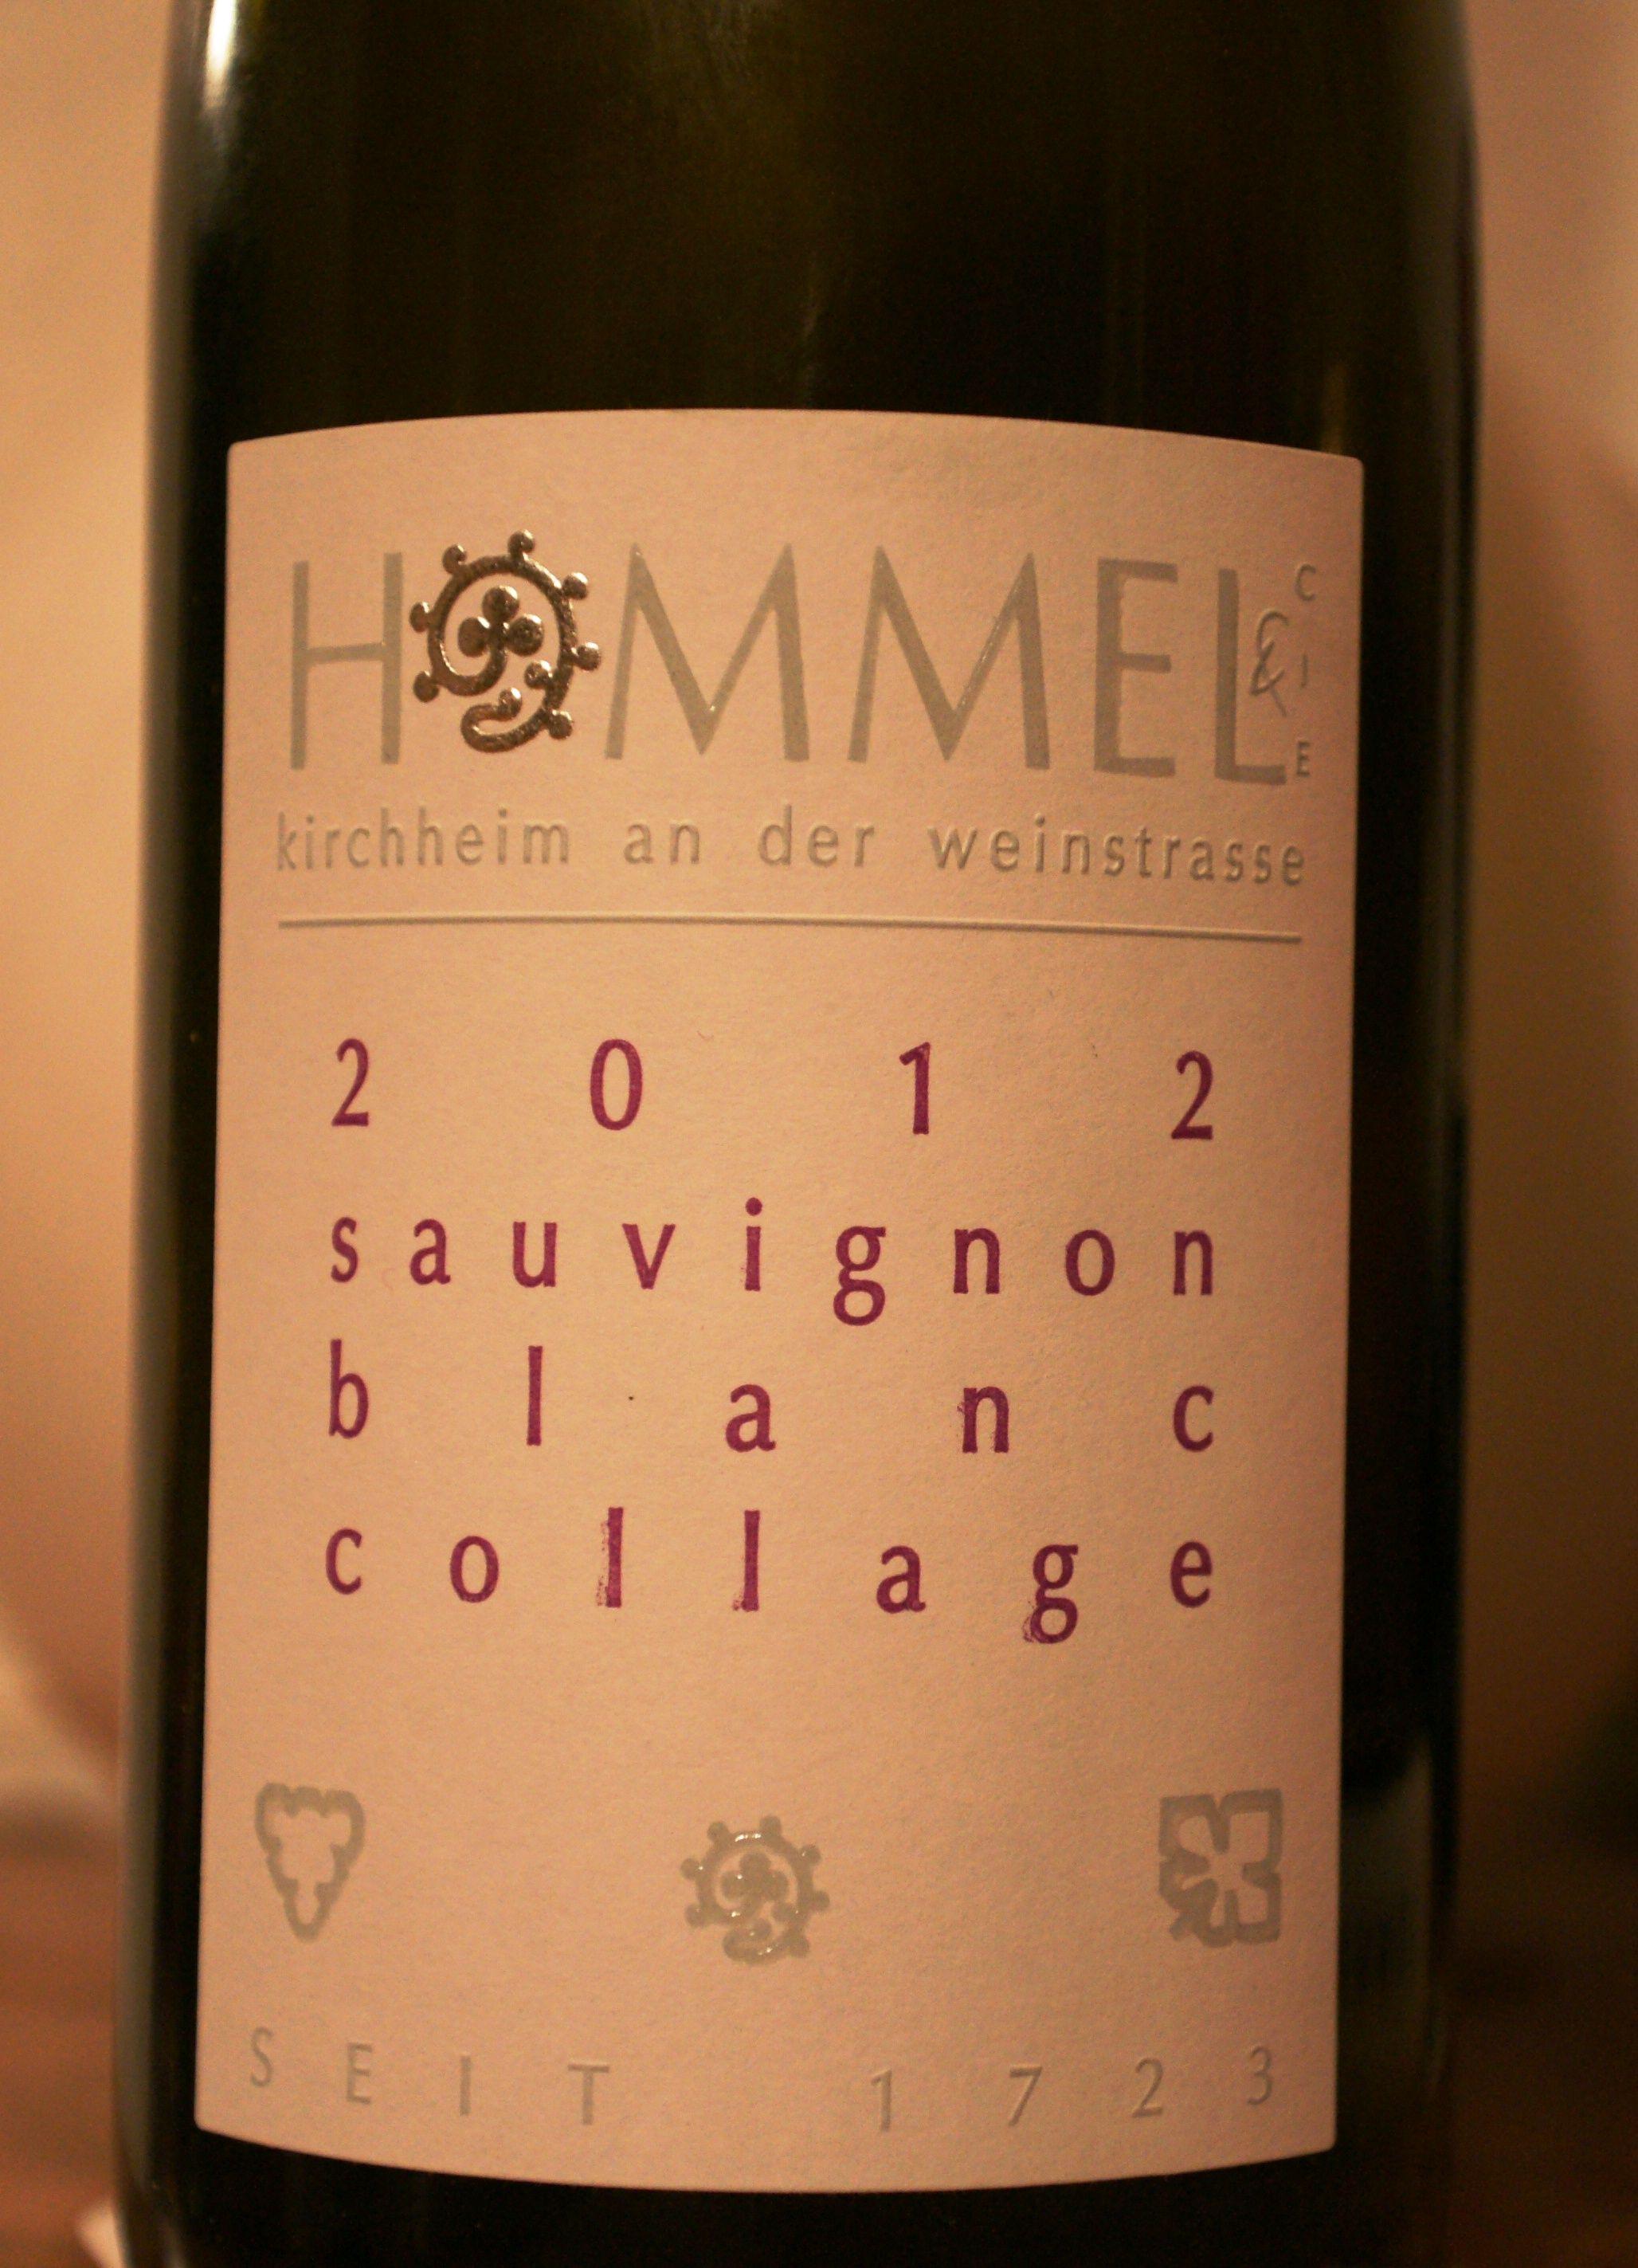 Hab den Winzer voriges Jahr bei einer kommentierten Verkostung erlebt - das war sehr anregend! Der Sauvignon Blanc soll wohl im KdW weggegangen sein wie warme Semmeln ... mir ist er ehrlich gesagt zu fruchtbetont. hätte eher auf Traminer oder Muskateller getippt ... ansonsten aber ein klarer, sehr fruchtbetonter Wein mit schönem Säurespiel :-)